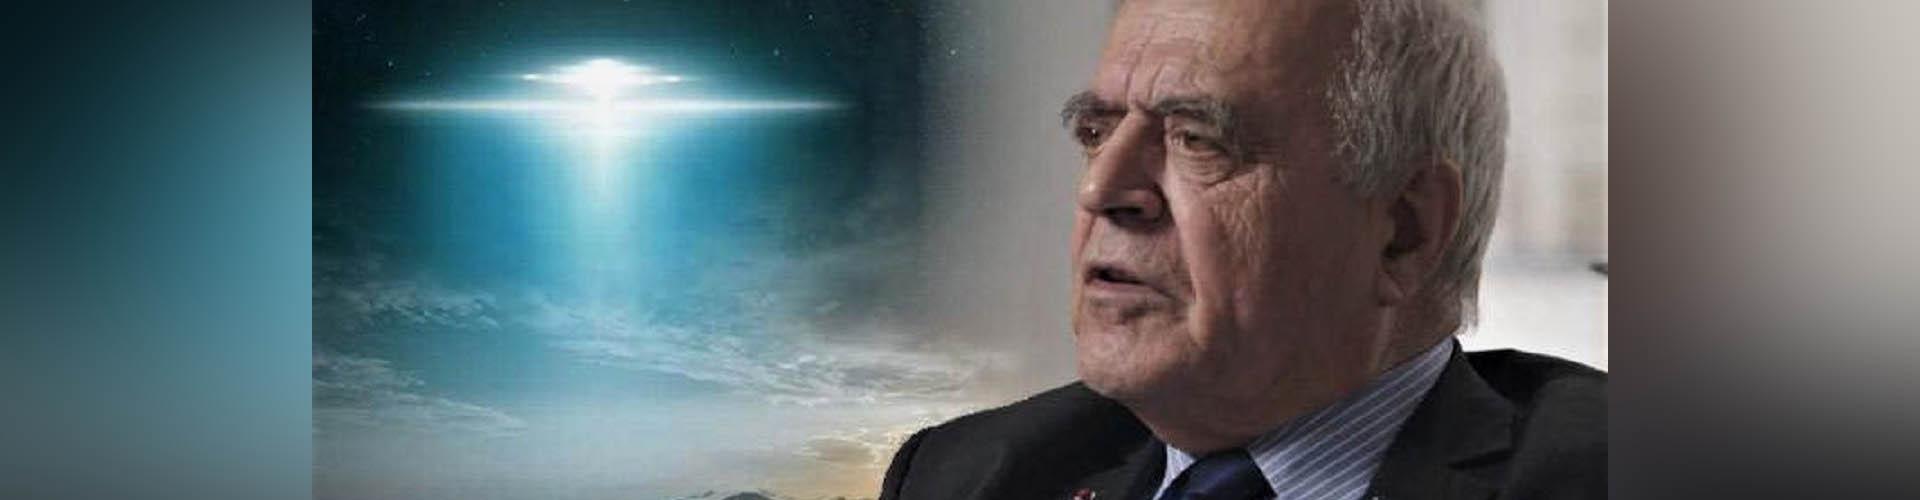 """(VIDEO)  Ex agente de inteligencia francés: """"Los OVNIs vienen de mundos paralelos"""""""